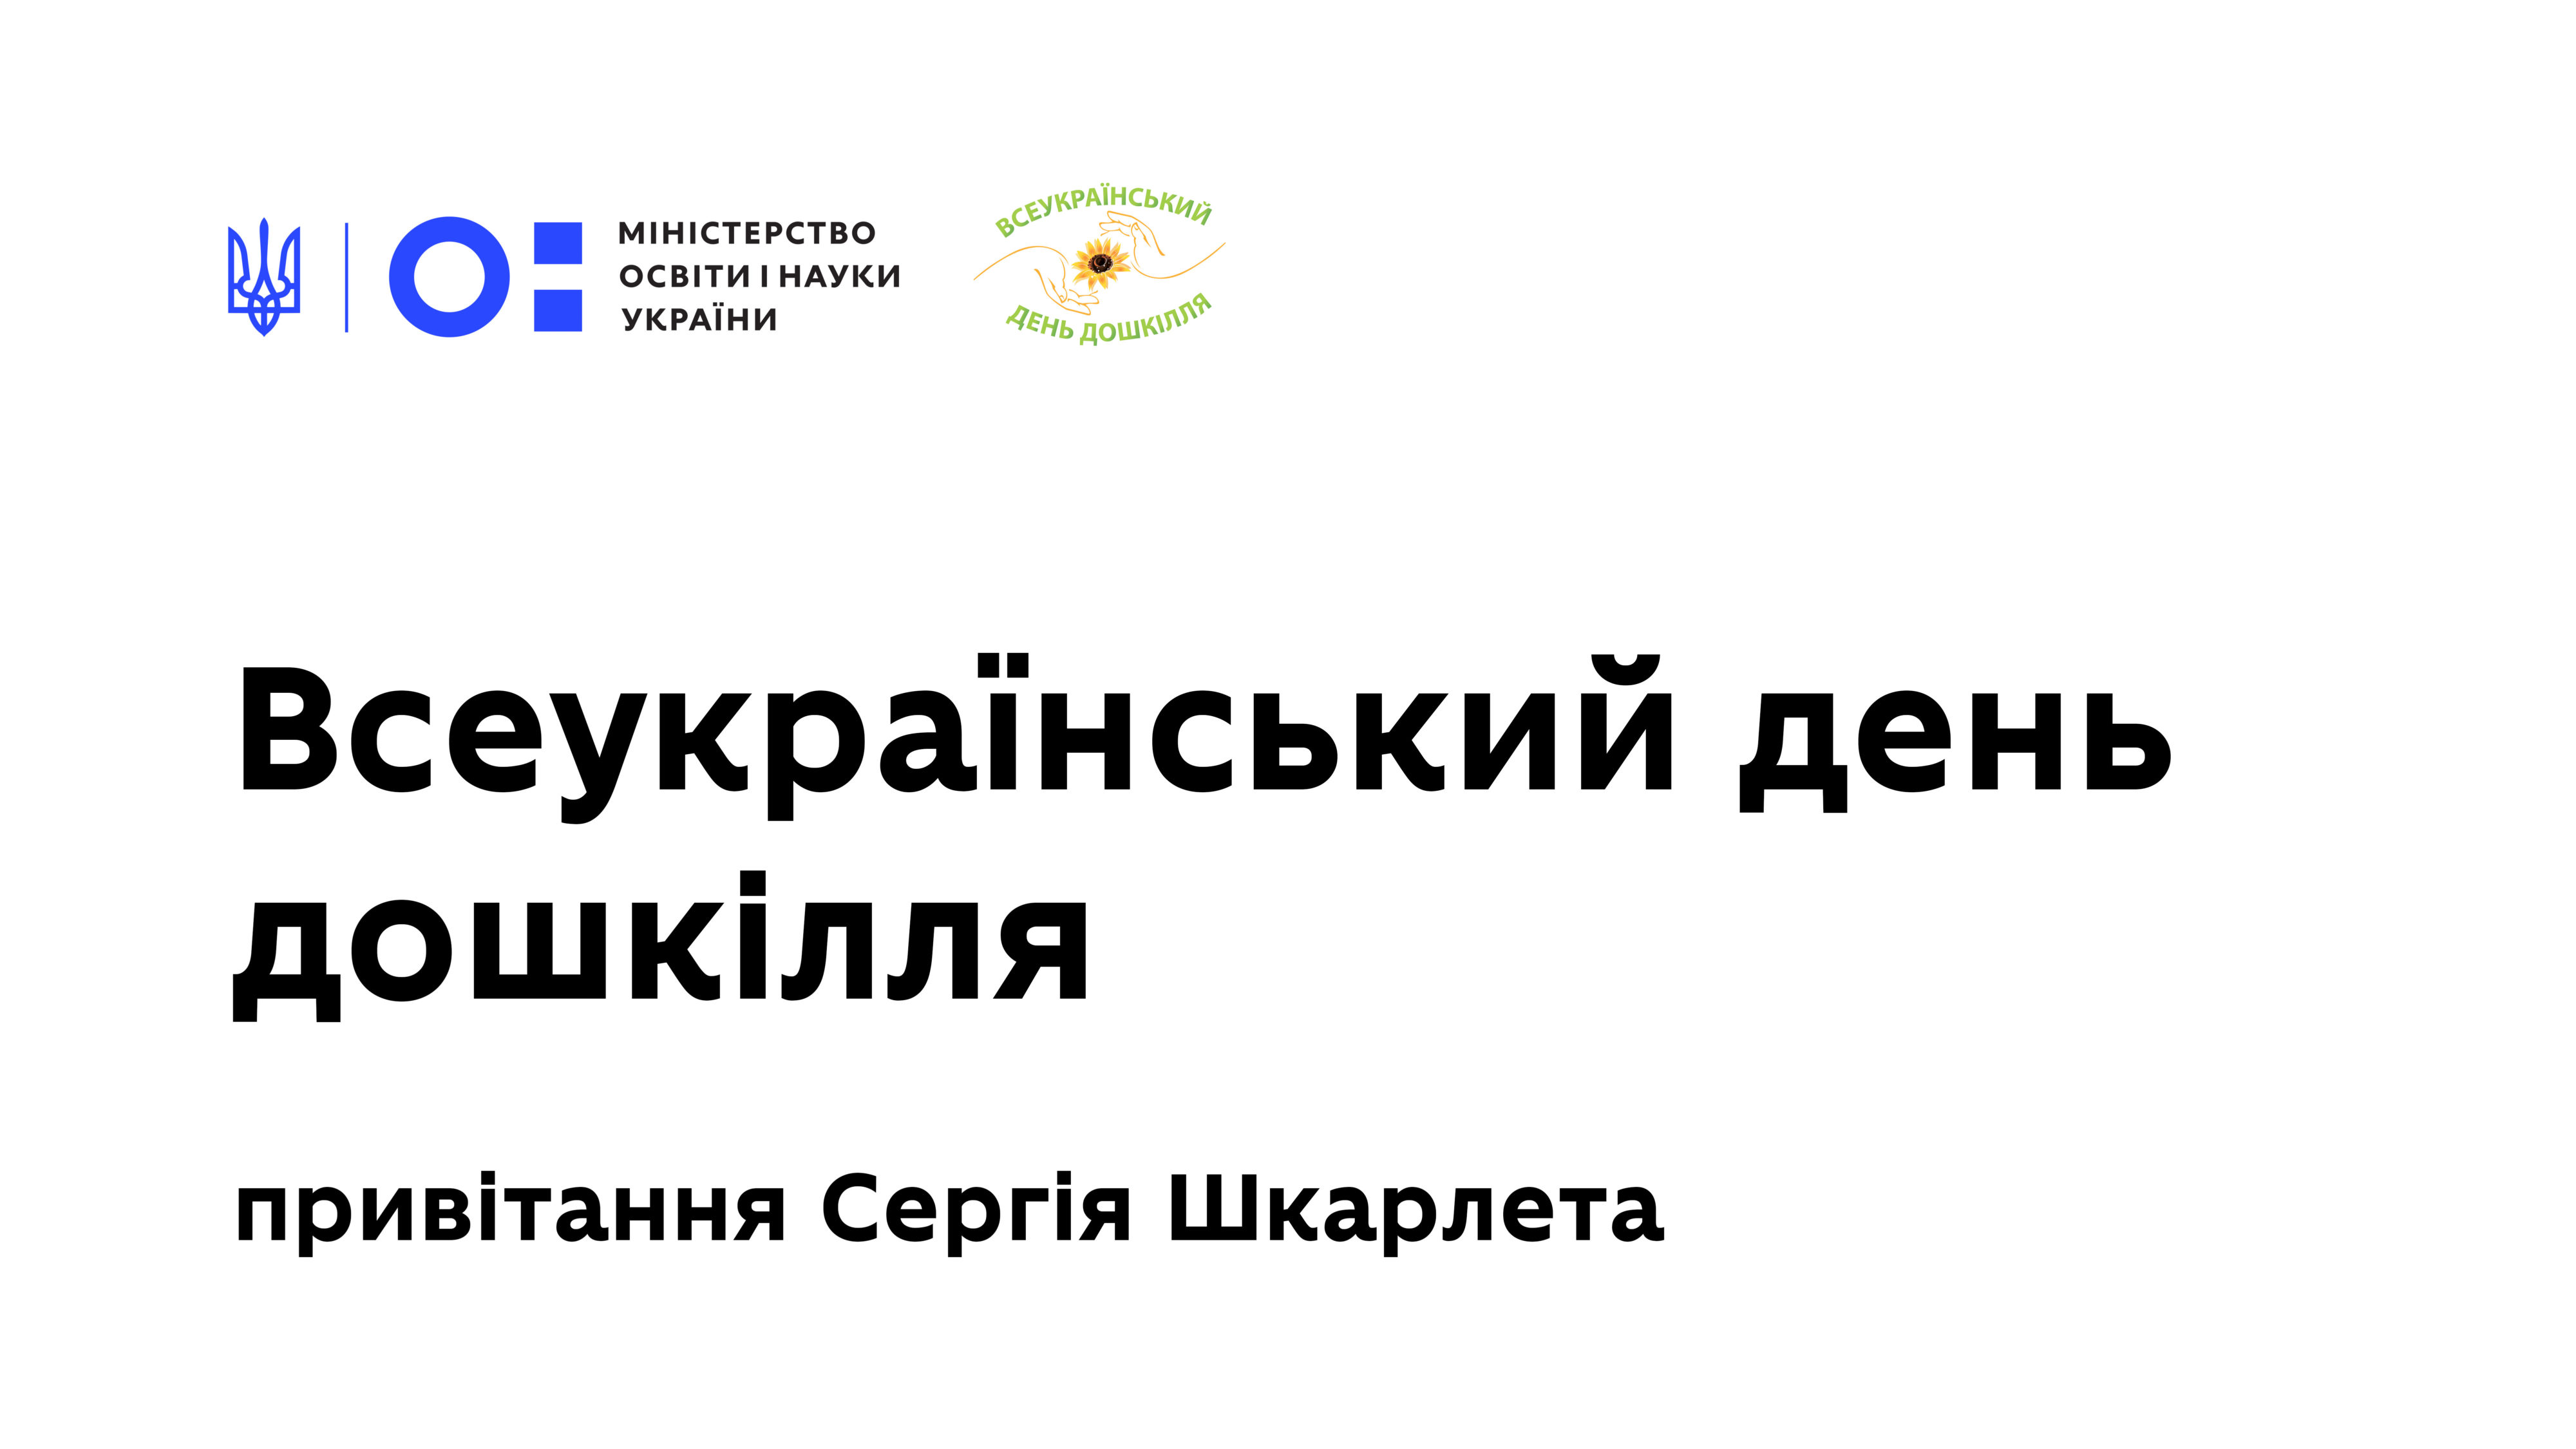 Всеукраїнський день дошкілля-2020: відеотрансляція